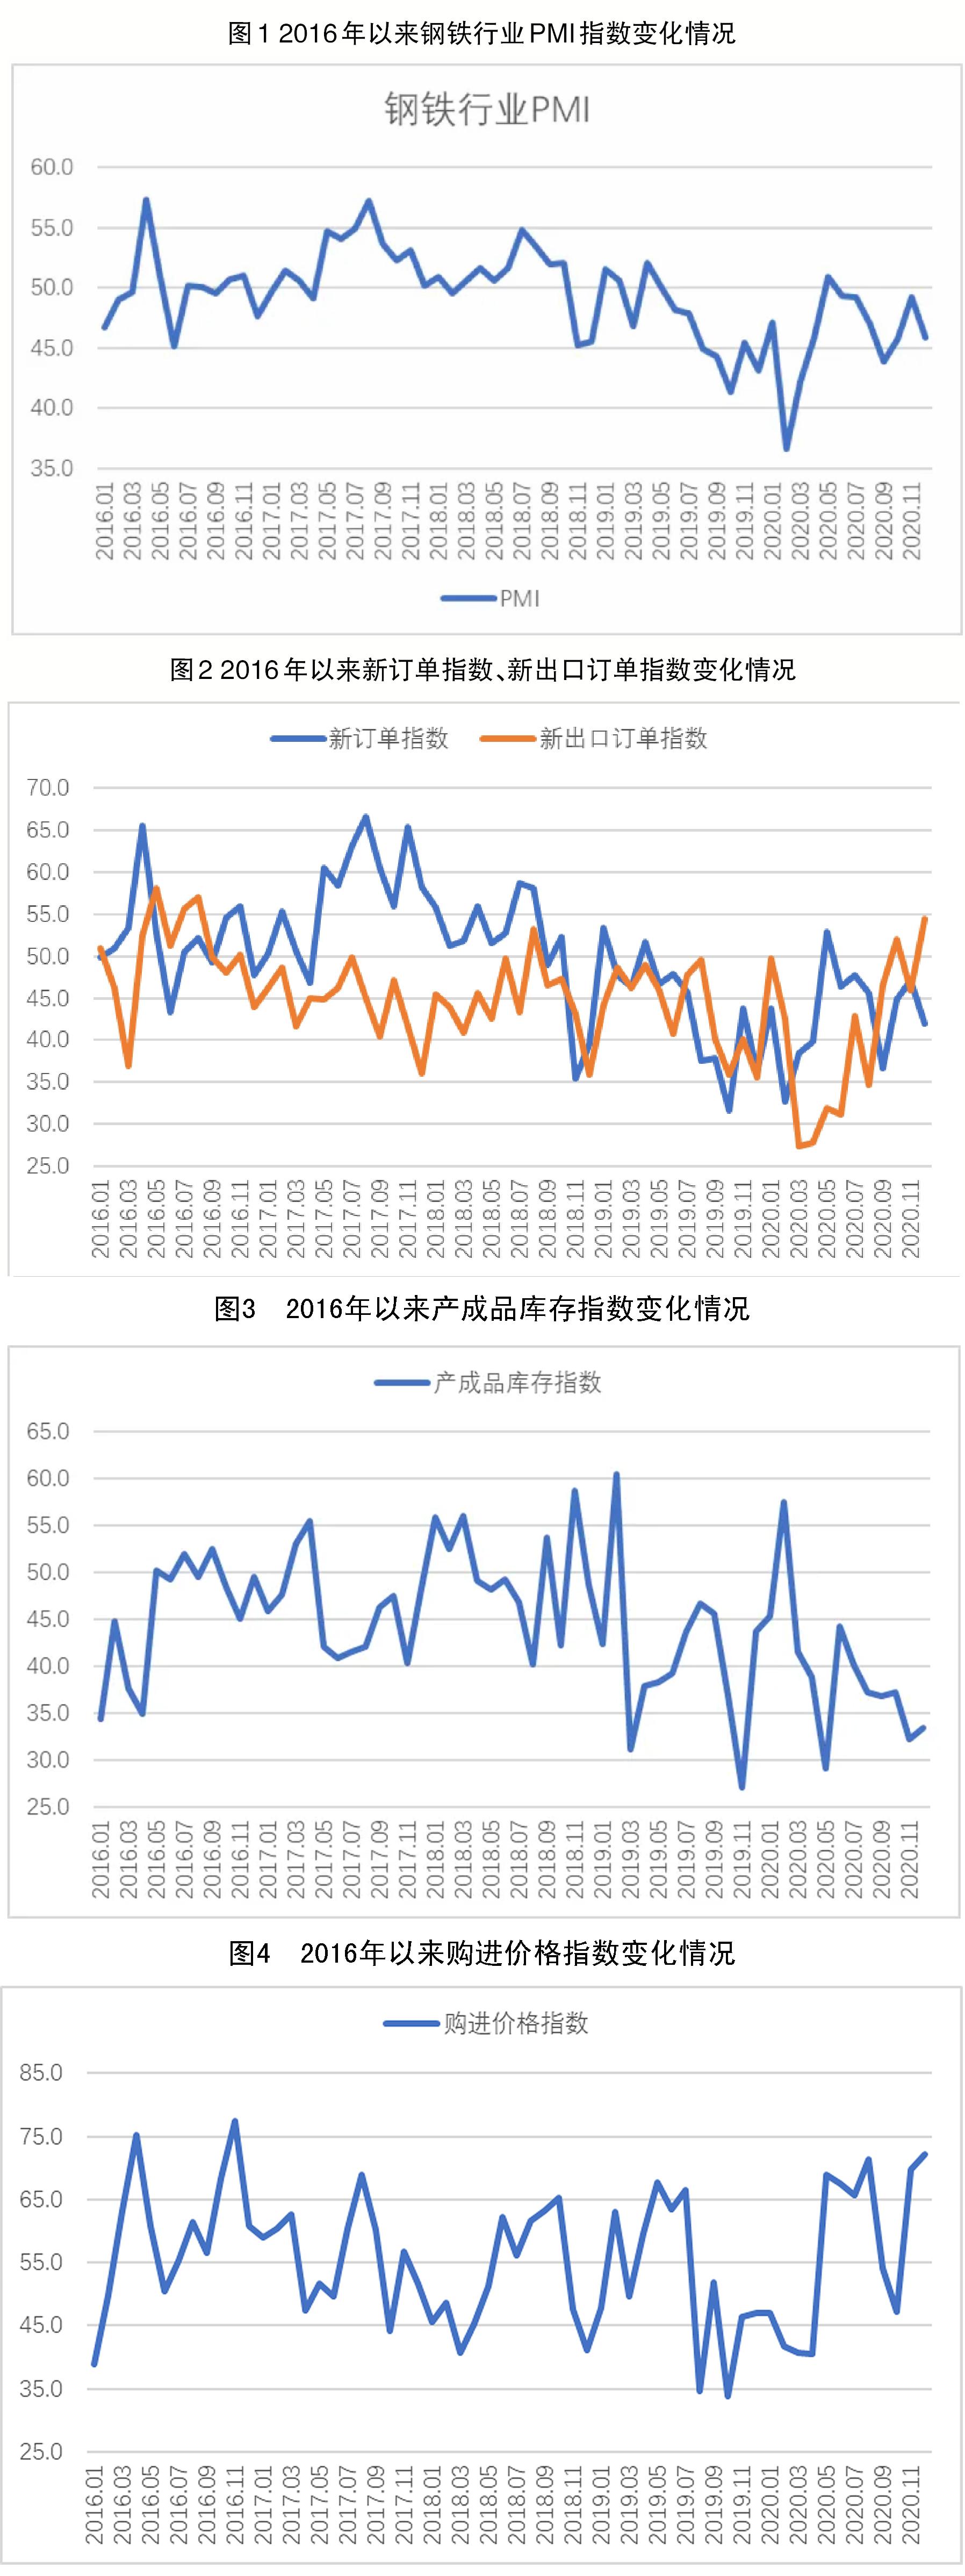 2020年12月份钢铁PMI显示:供需两端有所收紧 市场价格联动上升